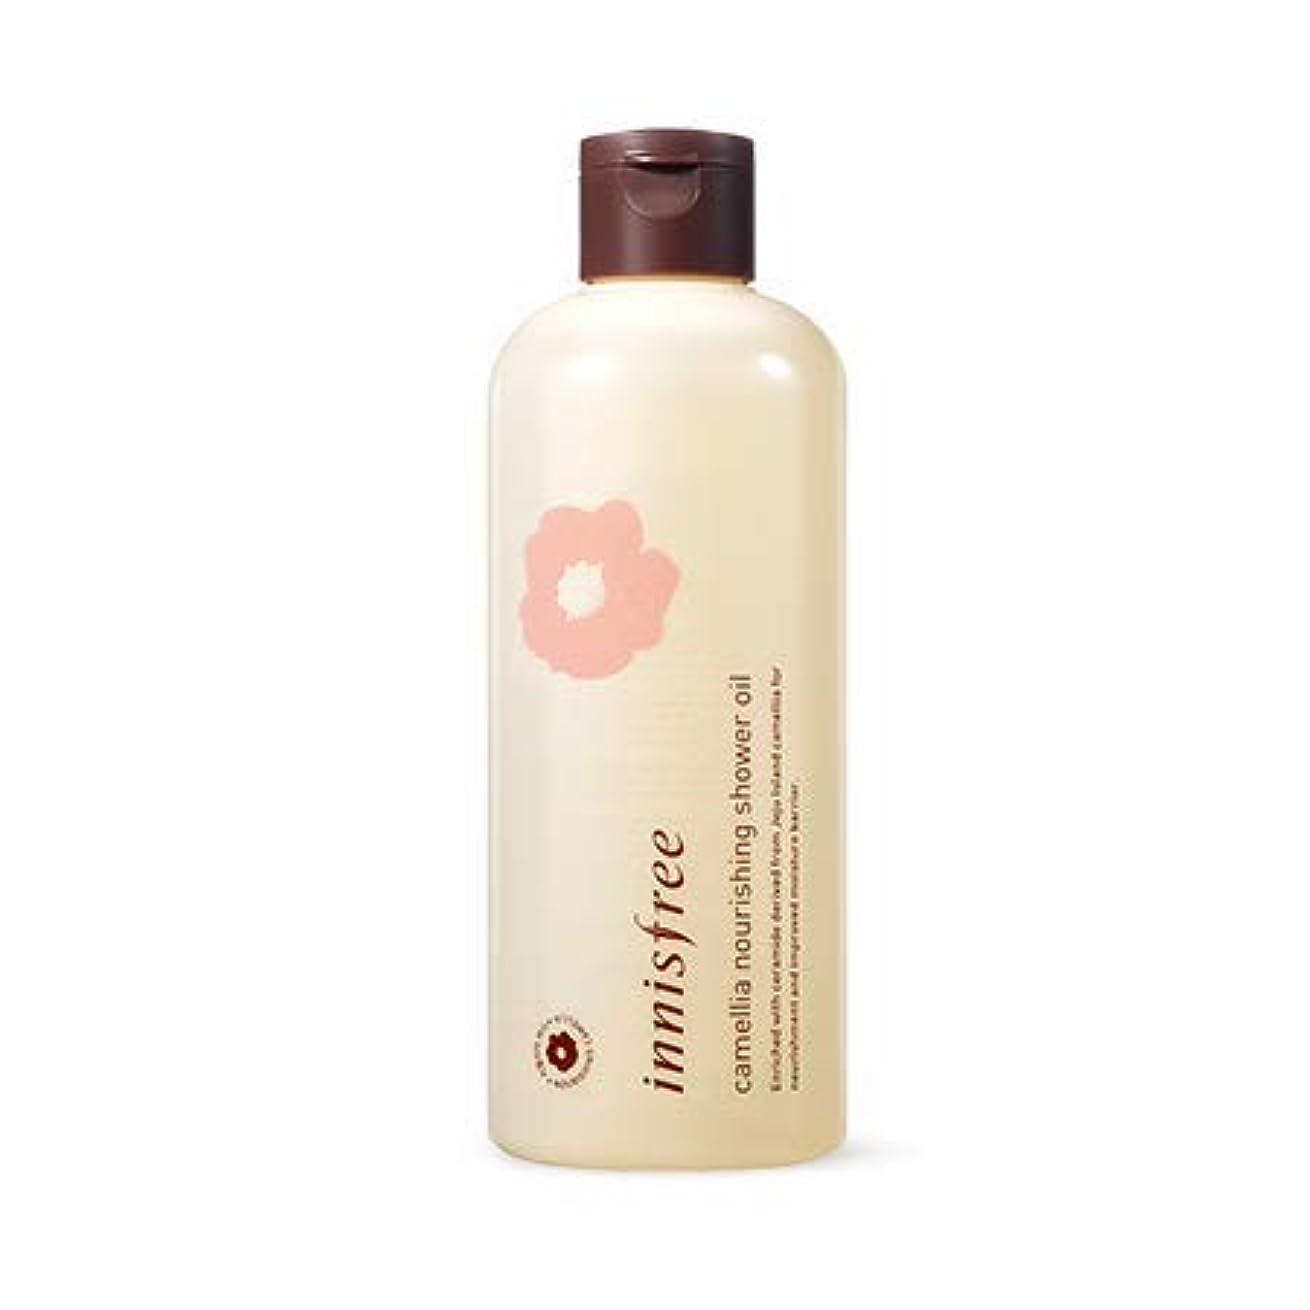 飼料クスクス知性[イニスフリー.innisfree]カメリアナリーシンシャワーオイル300mL(2019 new)/ Camellia Nourishing Shower Oil